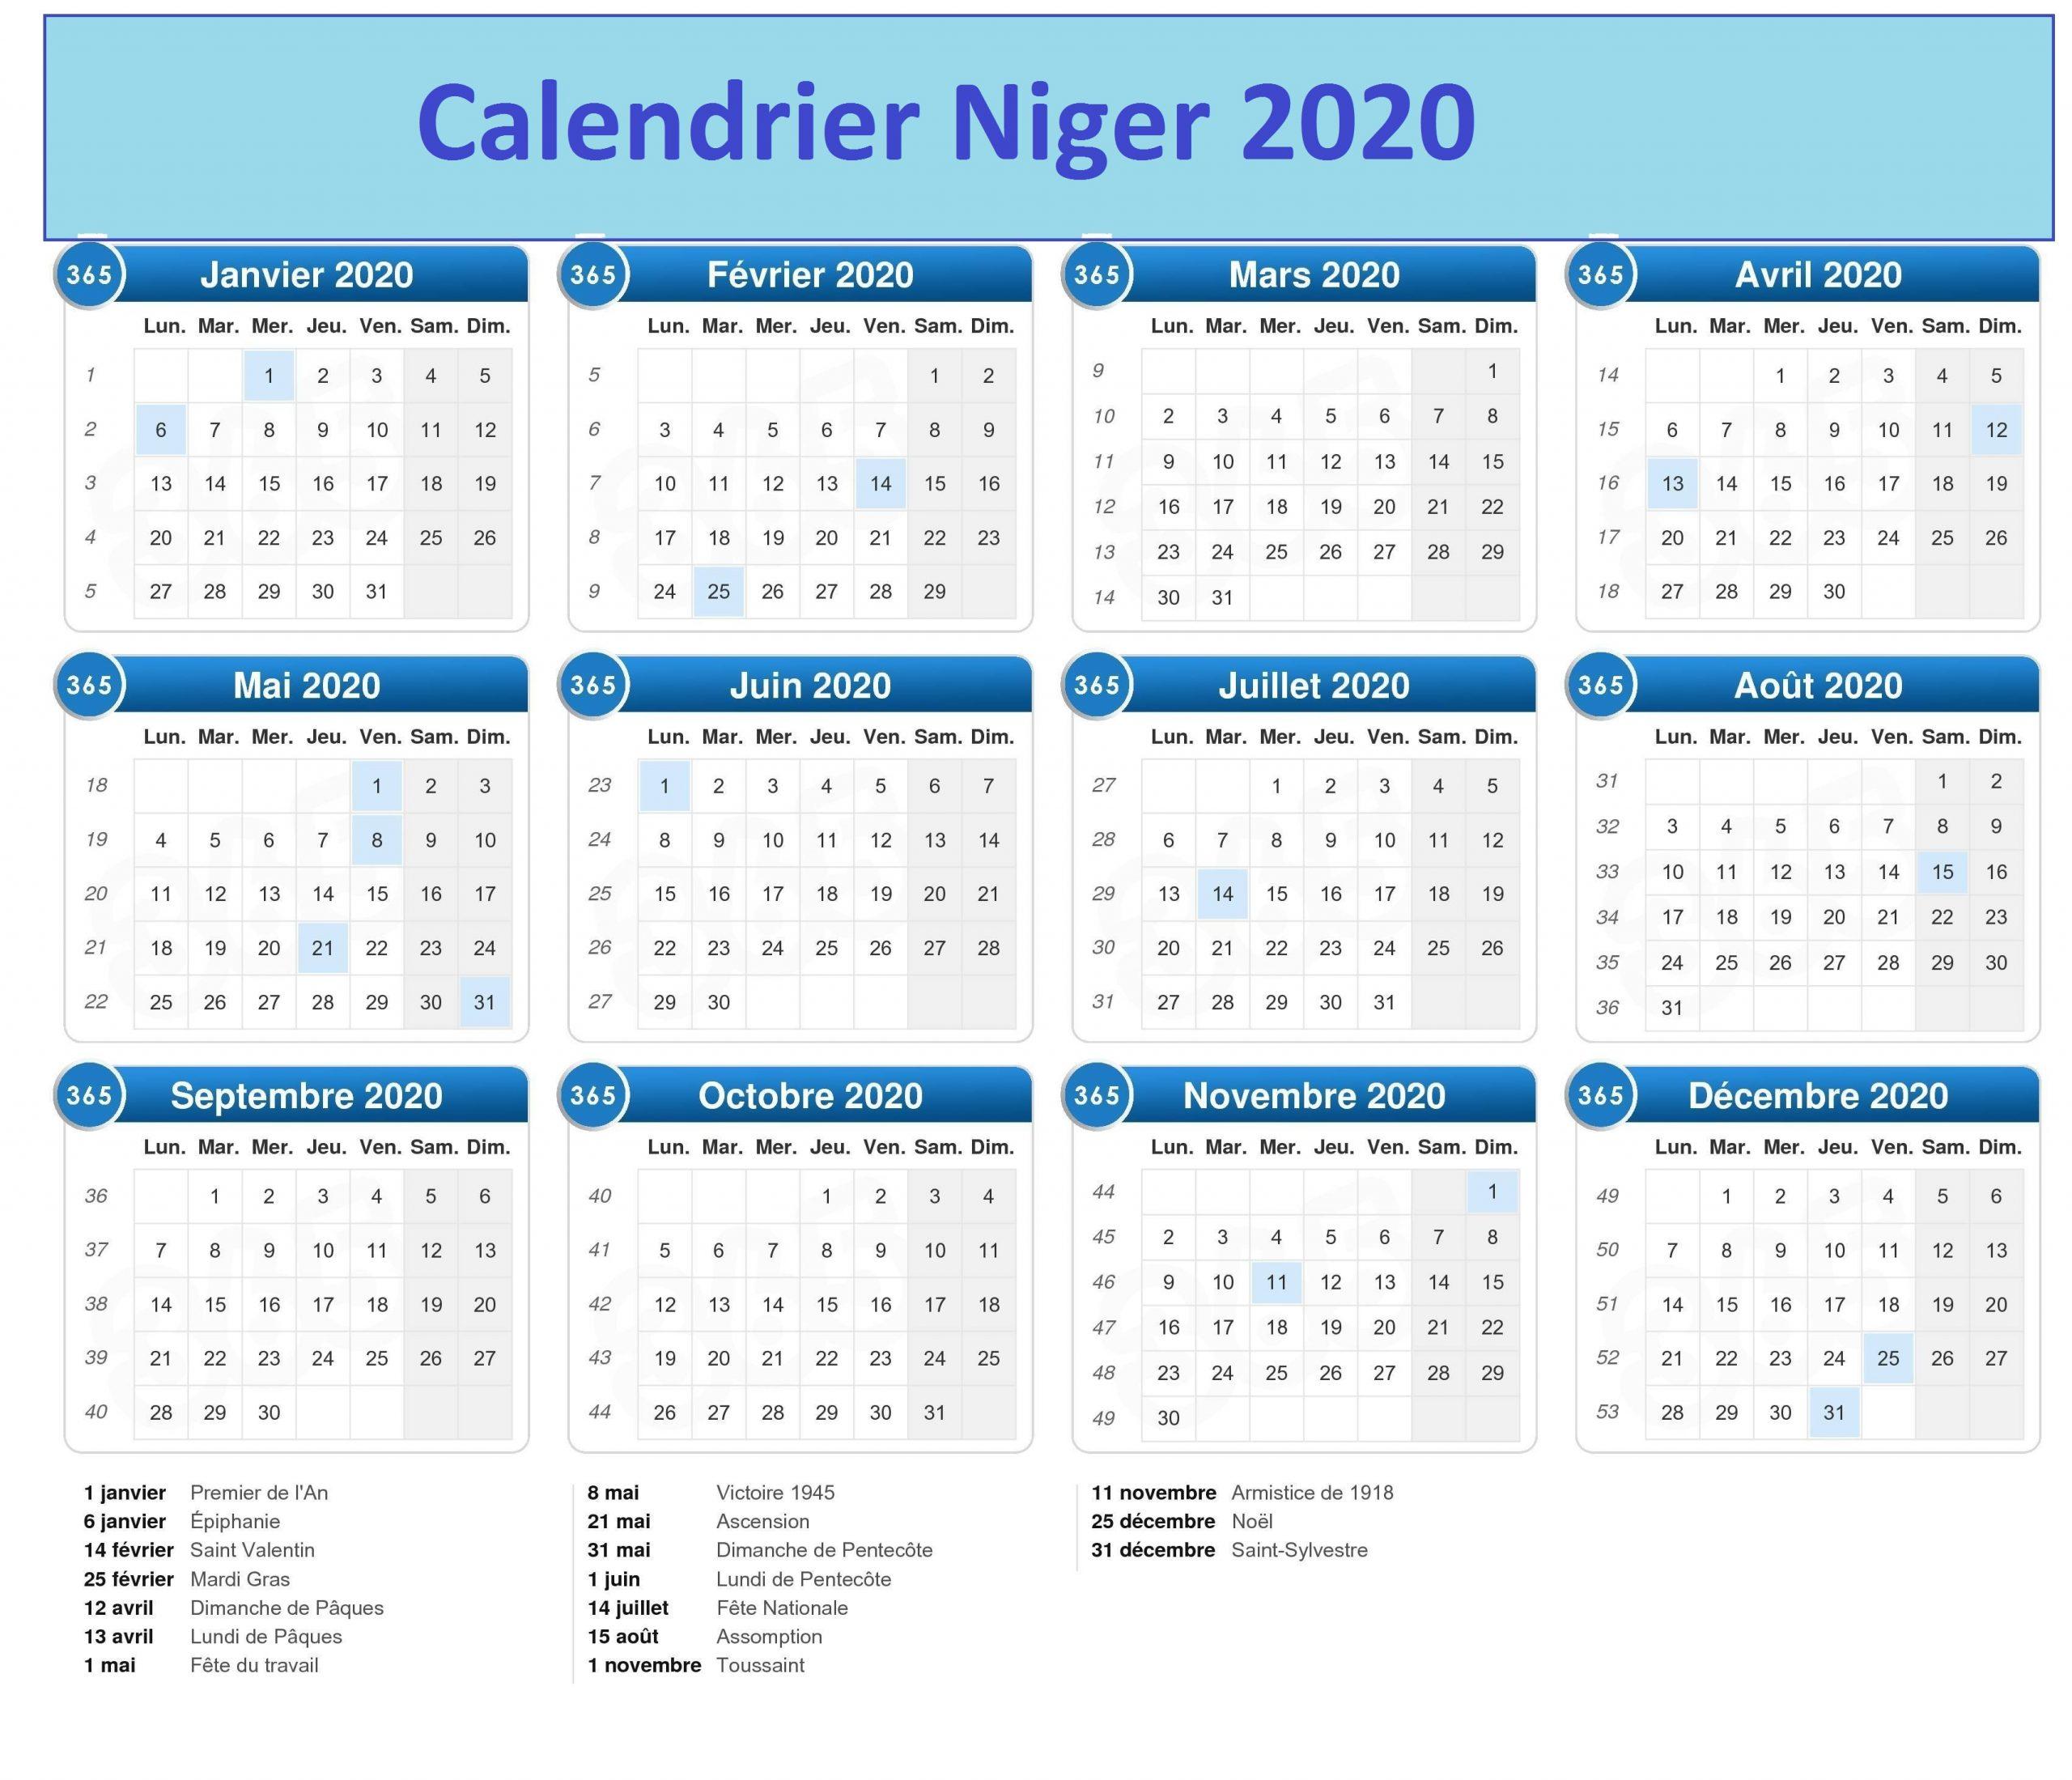 CalendrierDu Nigeria 2020